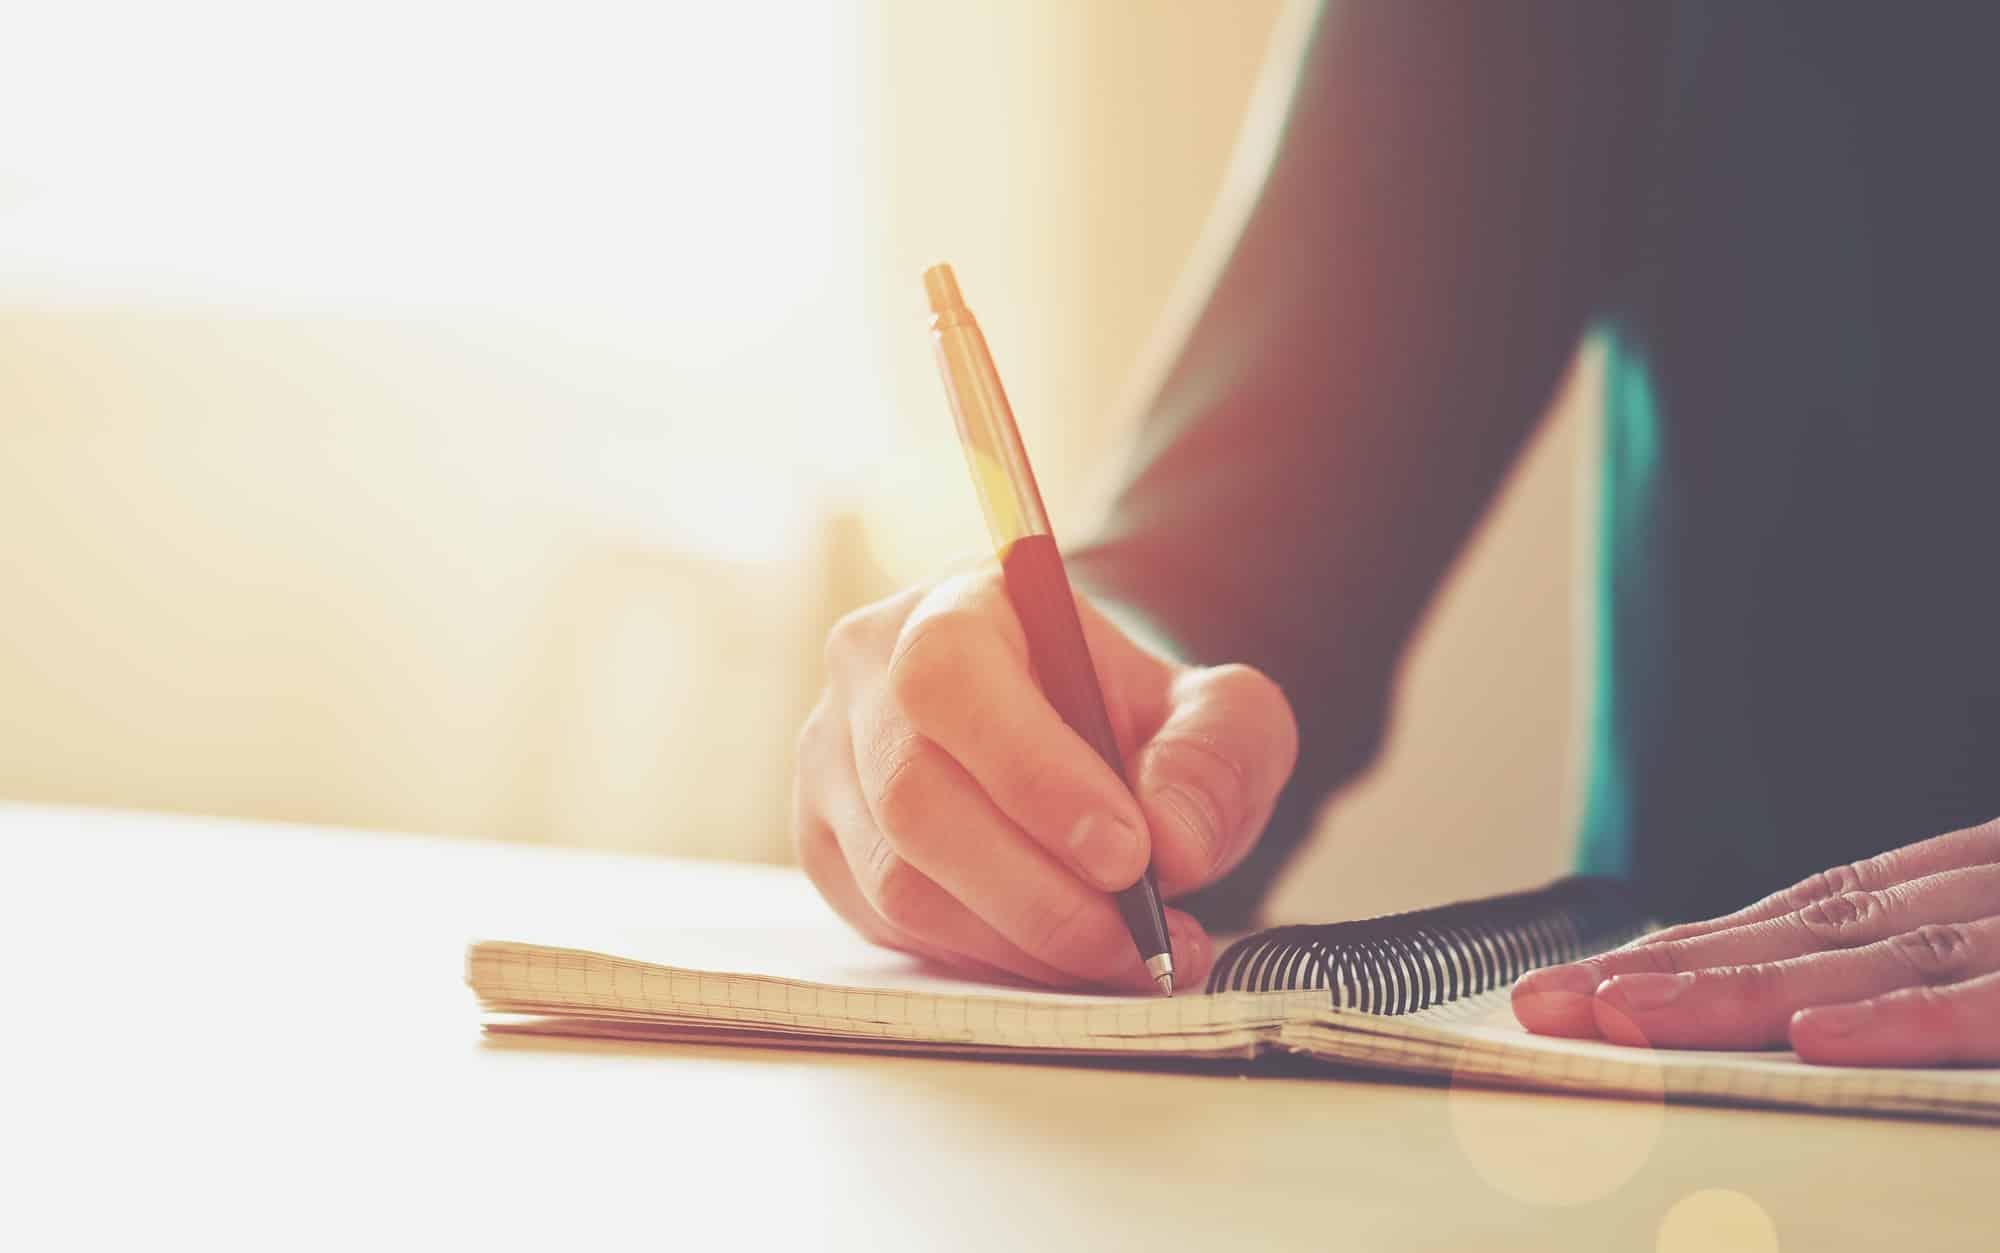 كتابة موضوع تعبير